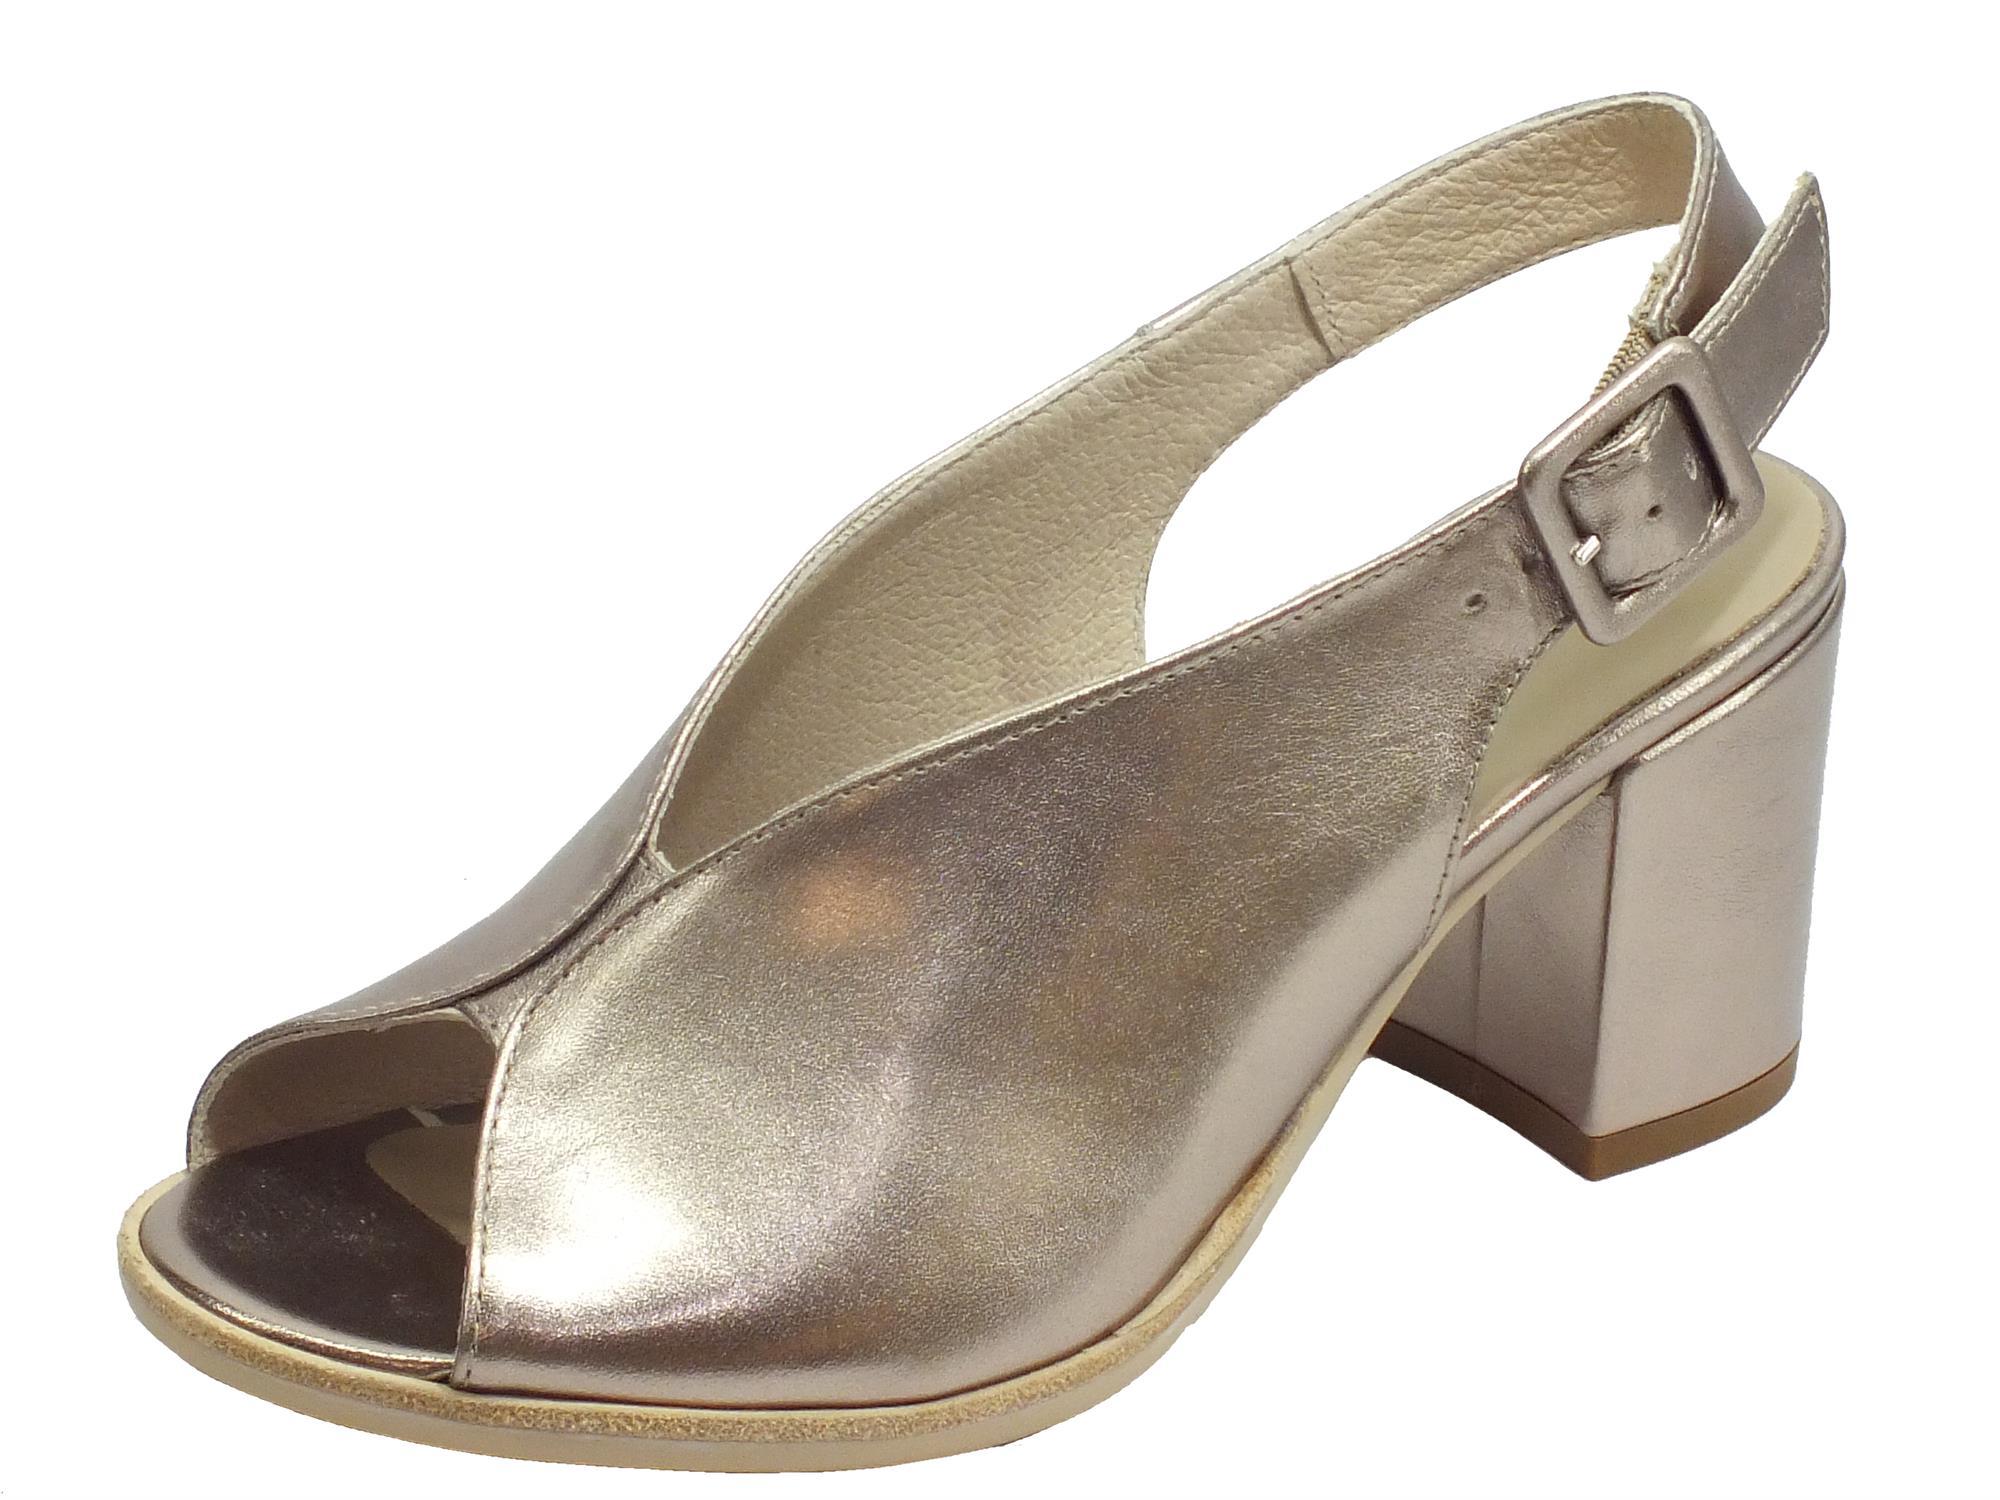 NeroGiardini E012271D Oxigen Bronzo Sandali Donna tacco alto pelle fibia caviglia